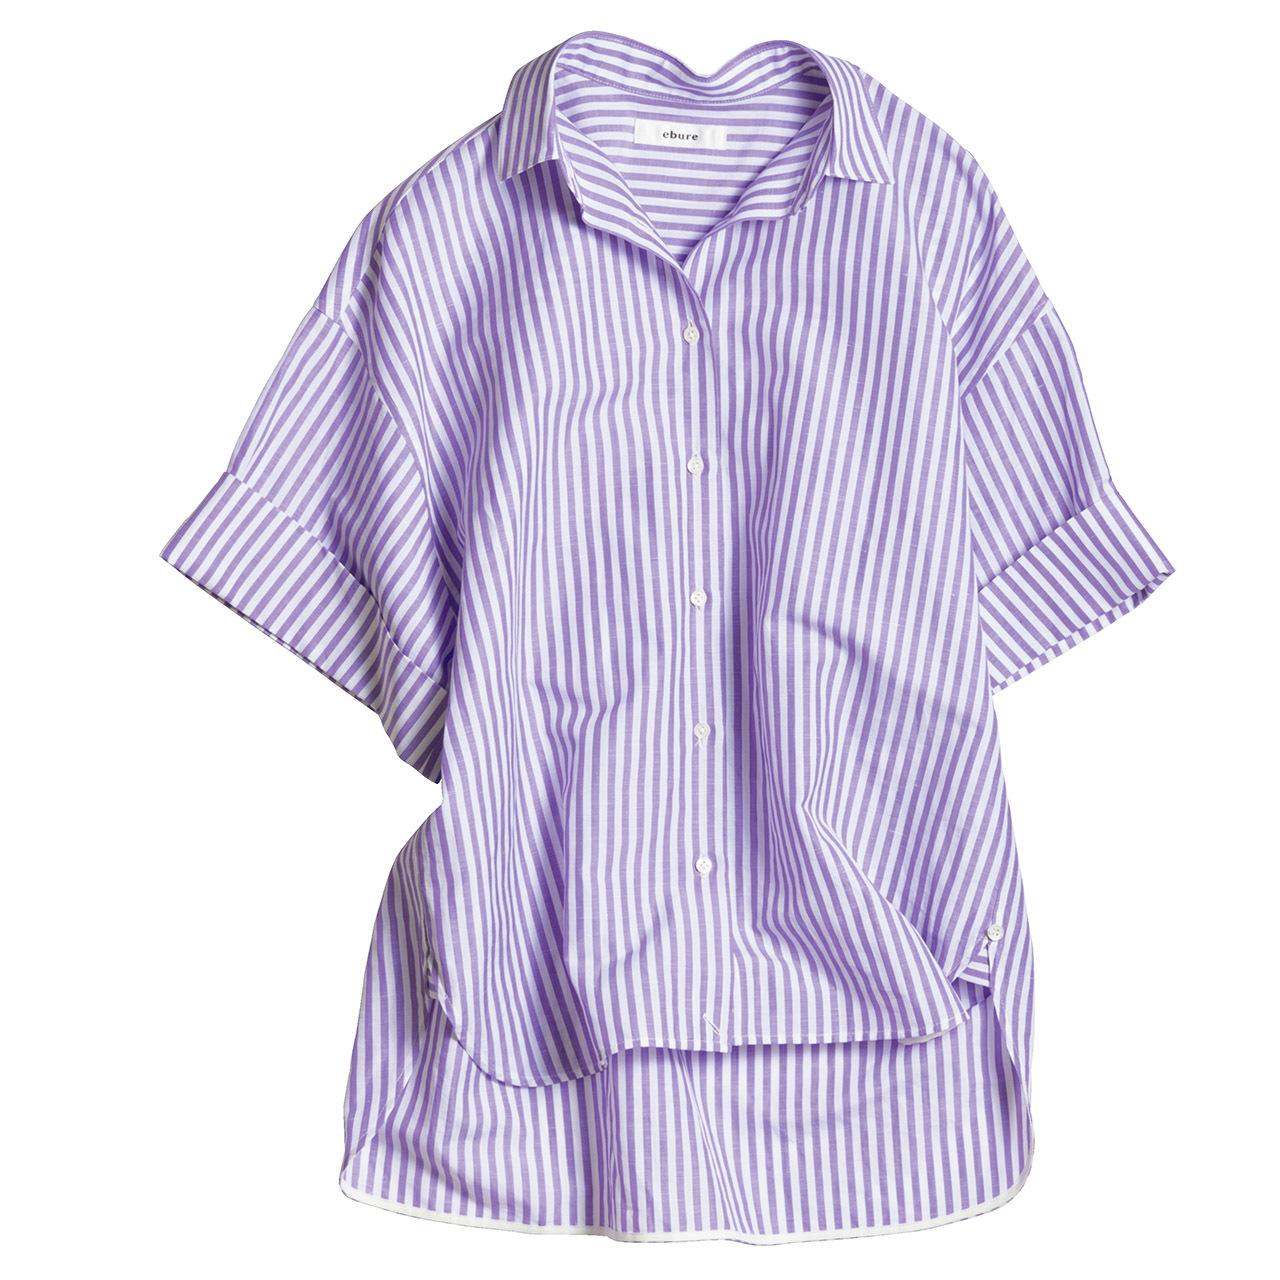 きりっと主張するストライプが、シャツを洗練スタイルに格上げ 五選_1_1-5